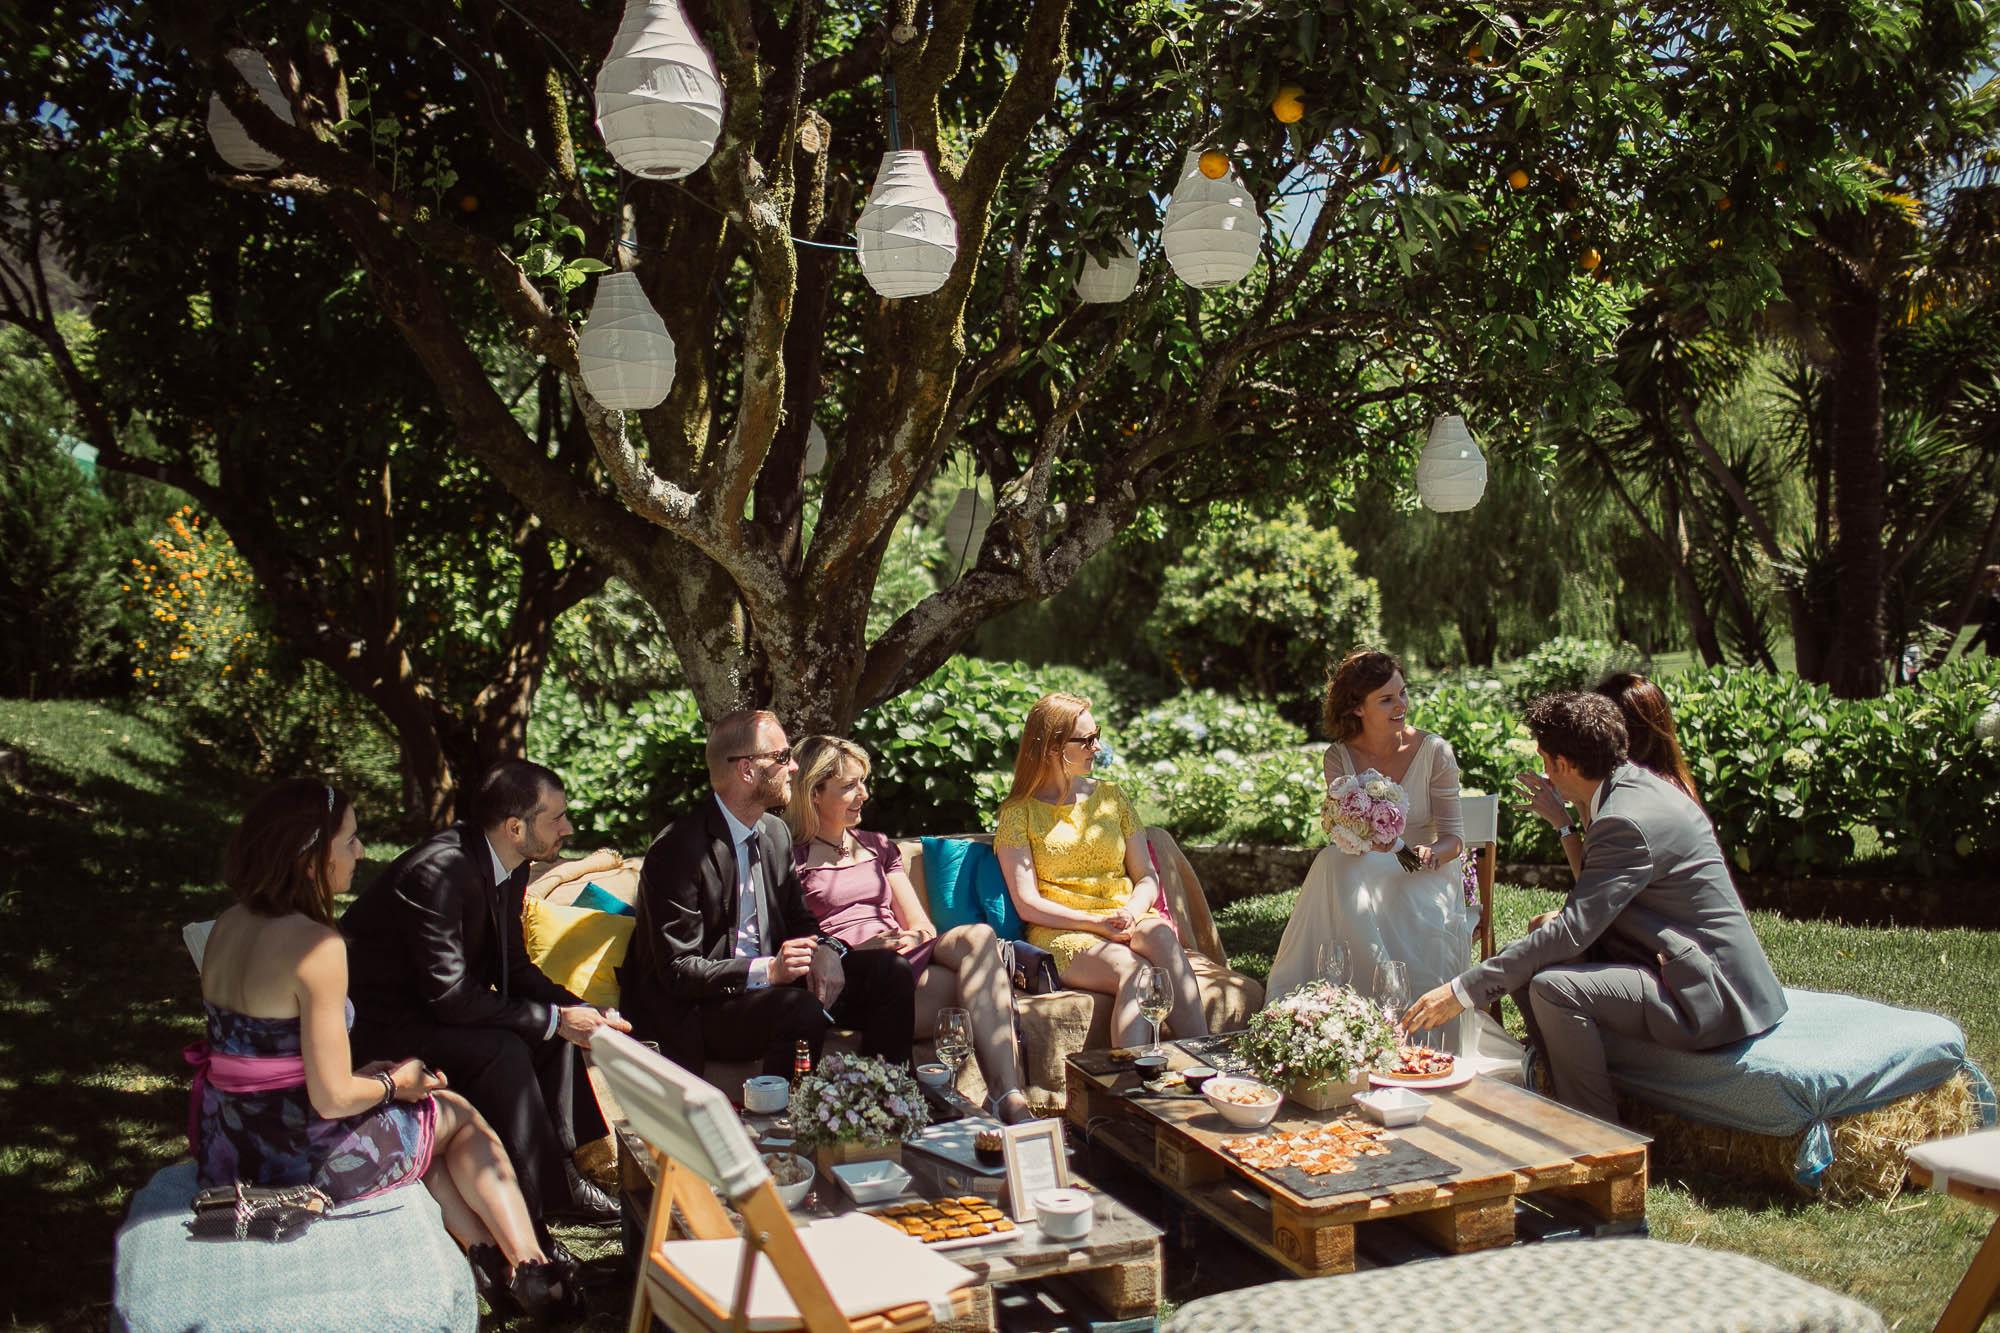 La novia y algunos invitados sentados en unos sillones con unas tapas sobre una mesa de palets bajo un naranjo